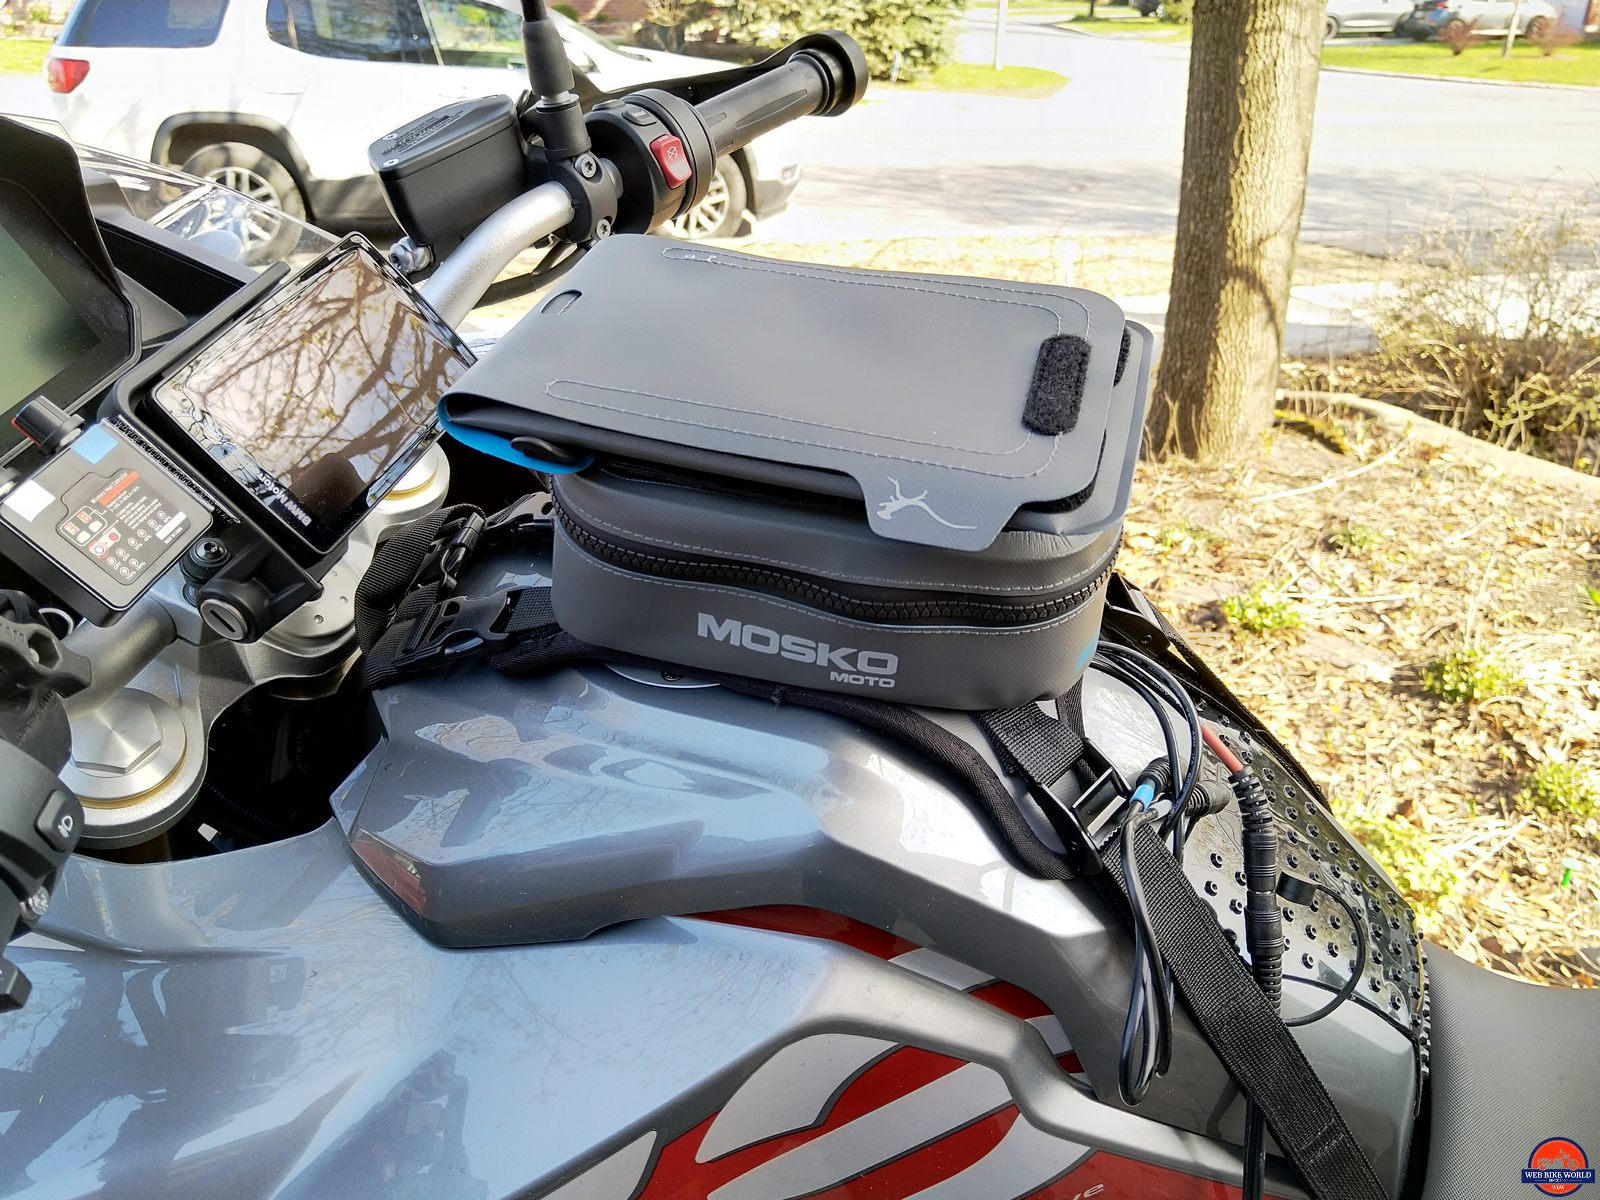 mosko moto pico tank bag & navigator pocket